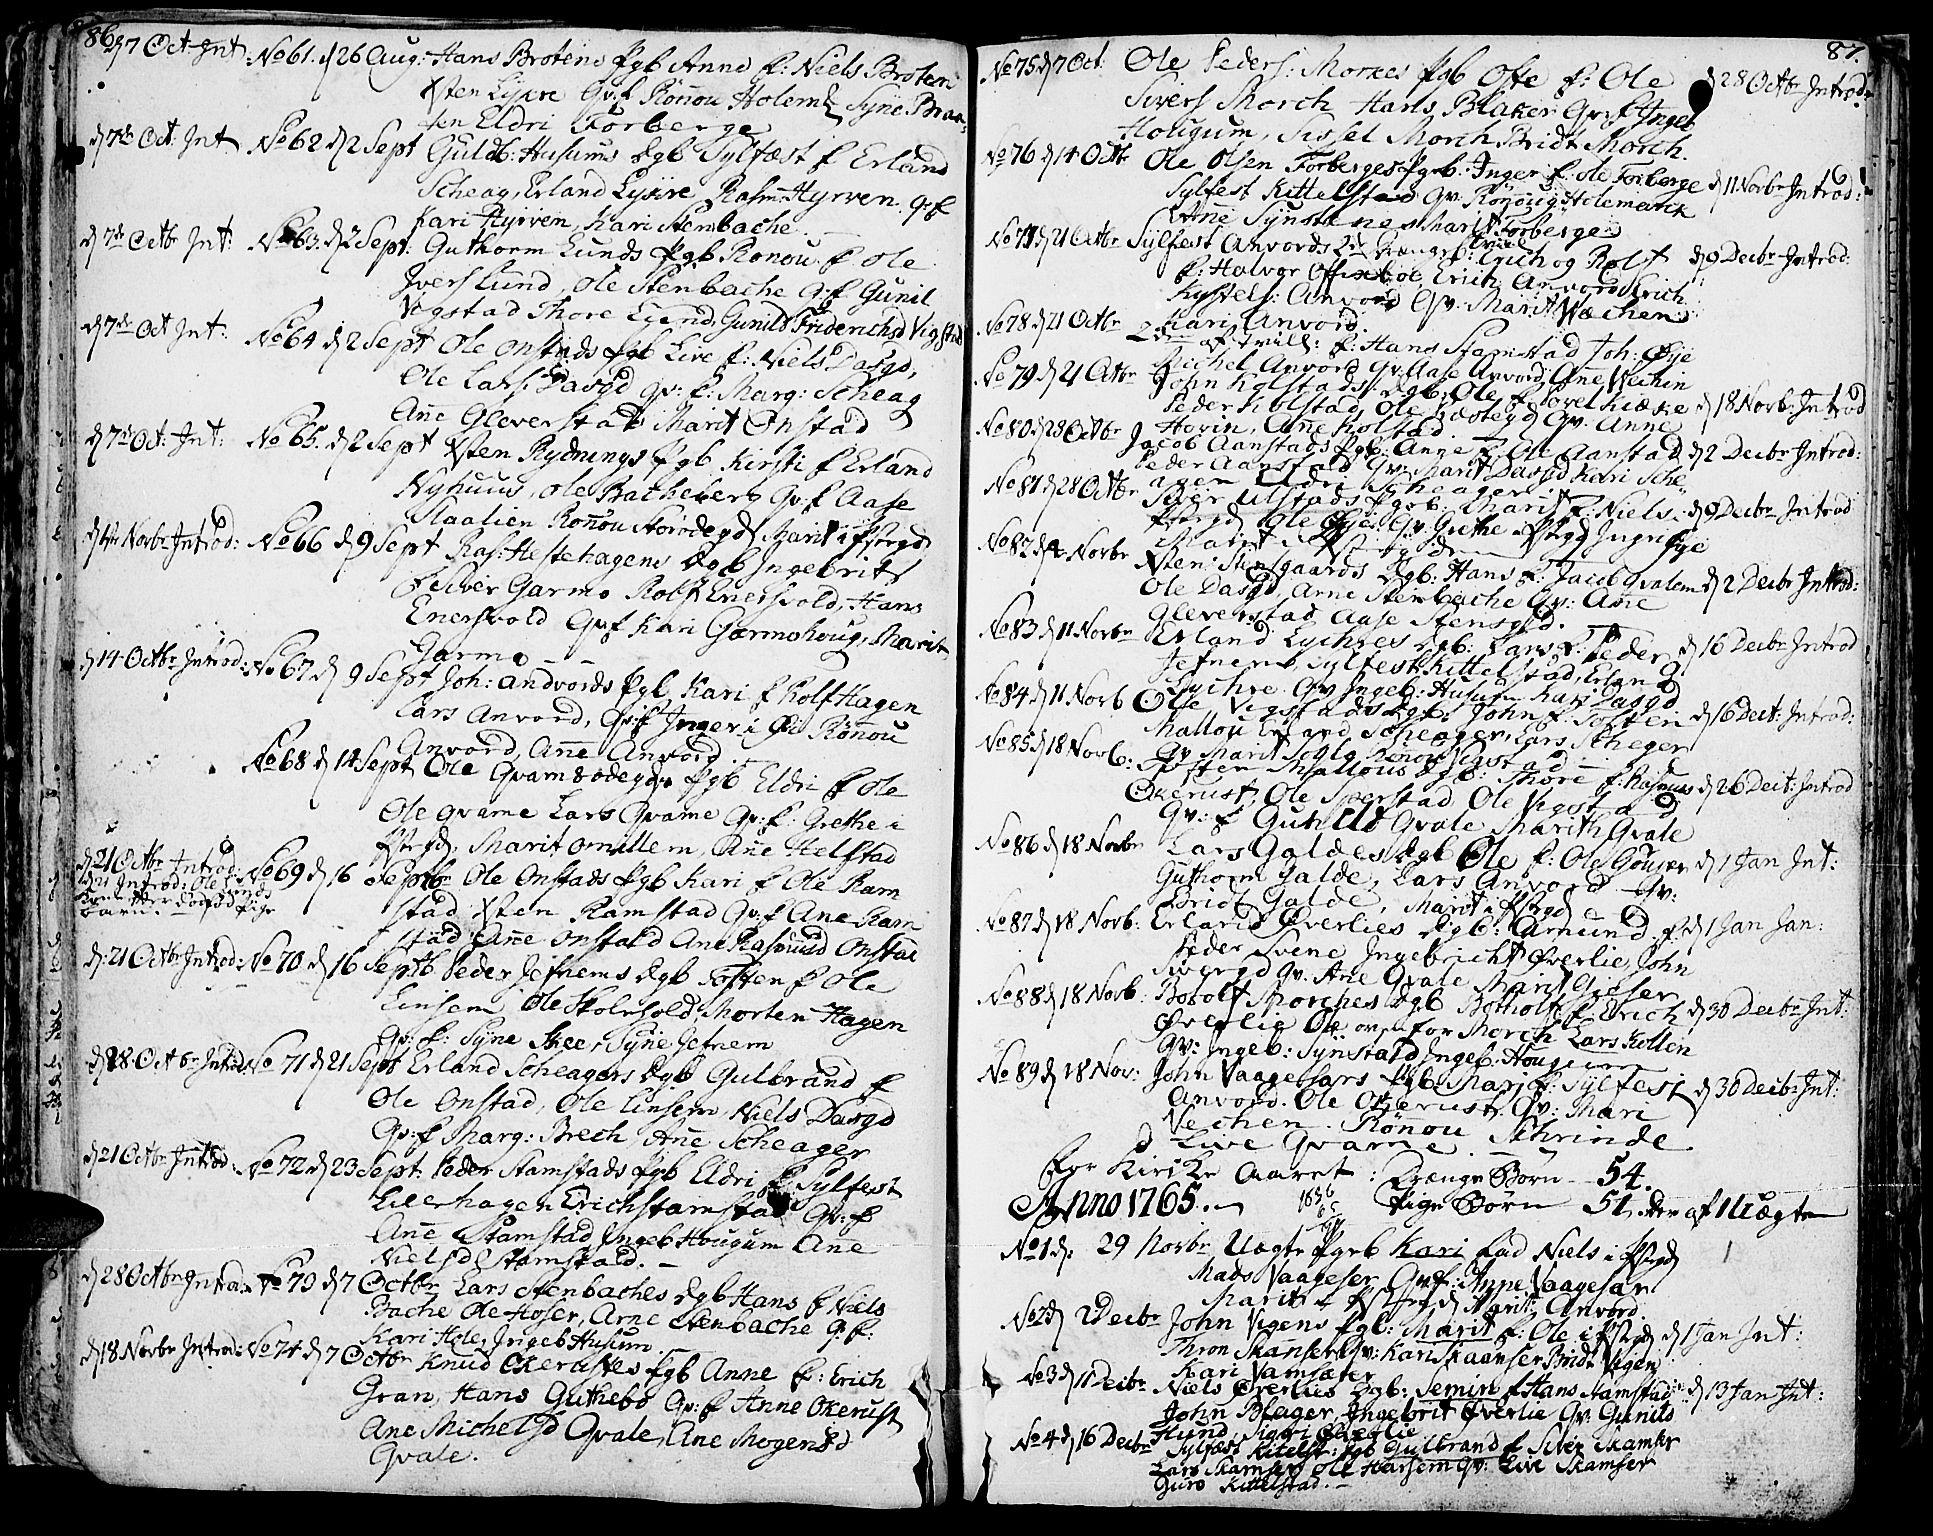 SAH, Lom prestekontor, K/L0002: Ministerialbok nr. 2, 1749-1801, s. 86-87